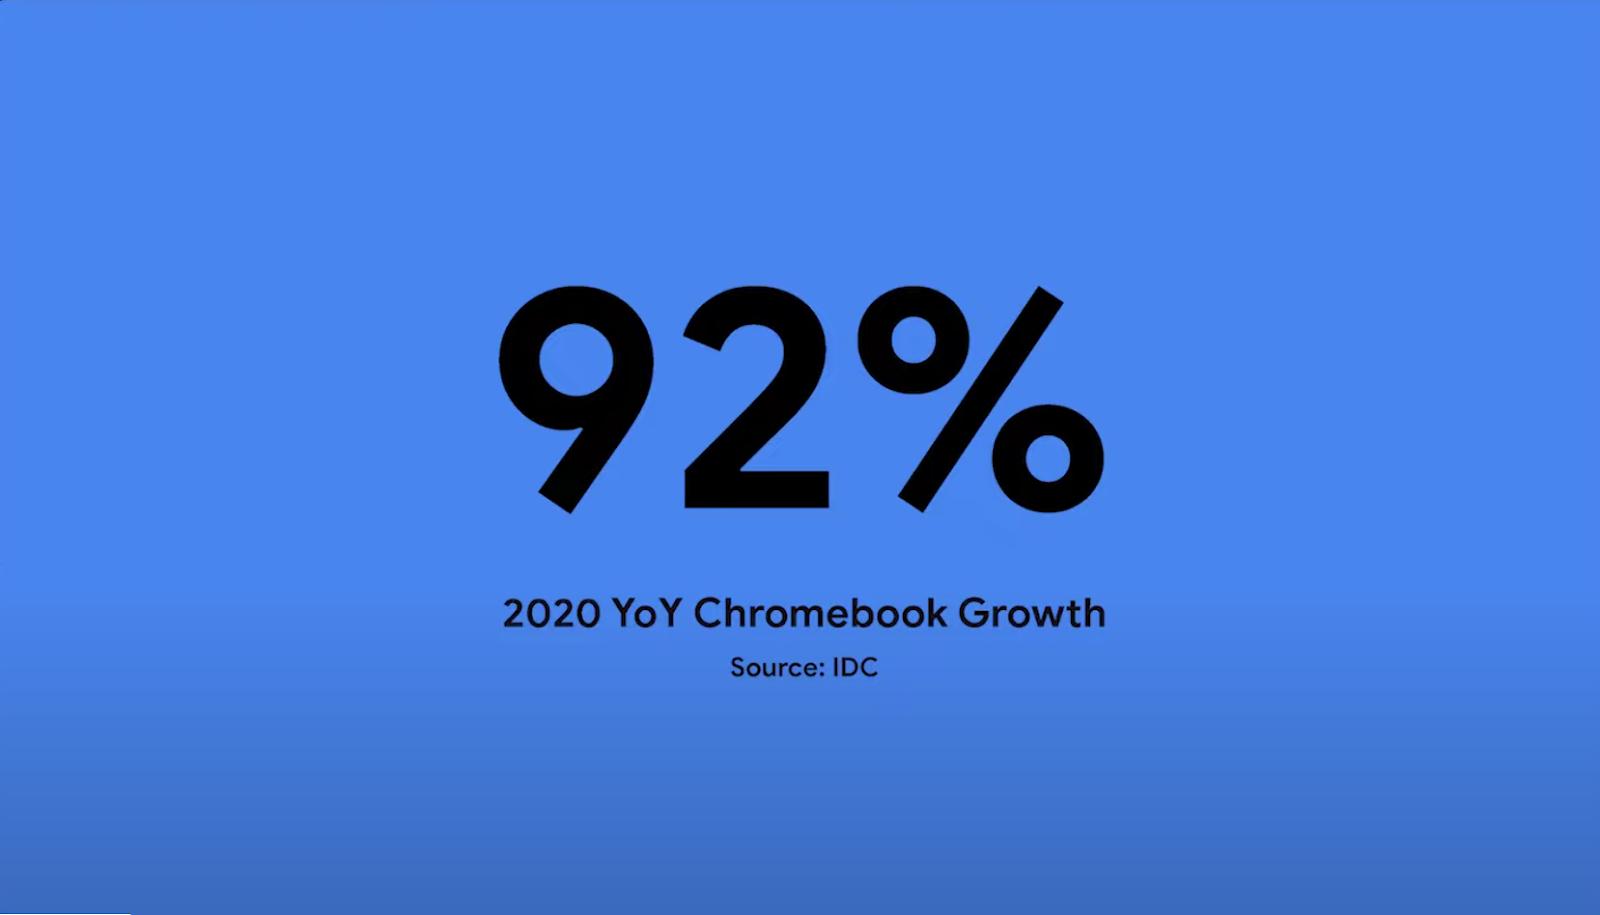 La part de marché des Chromebook augmente de 92% en 2020